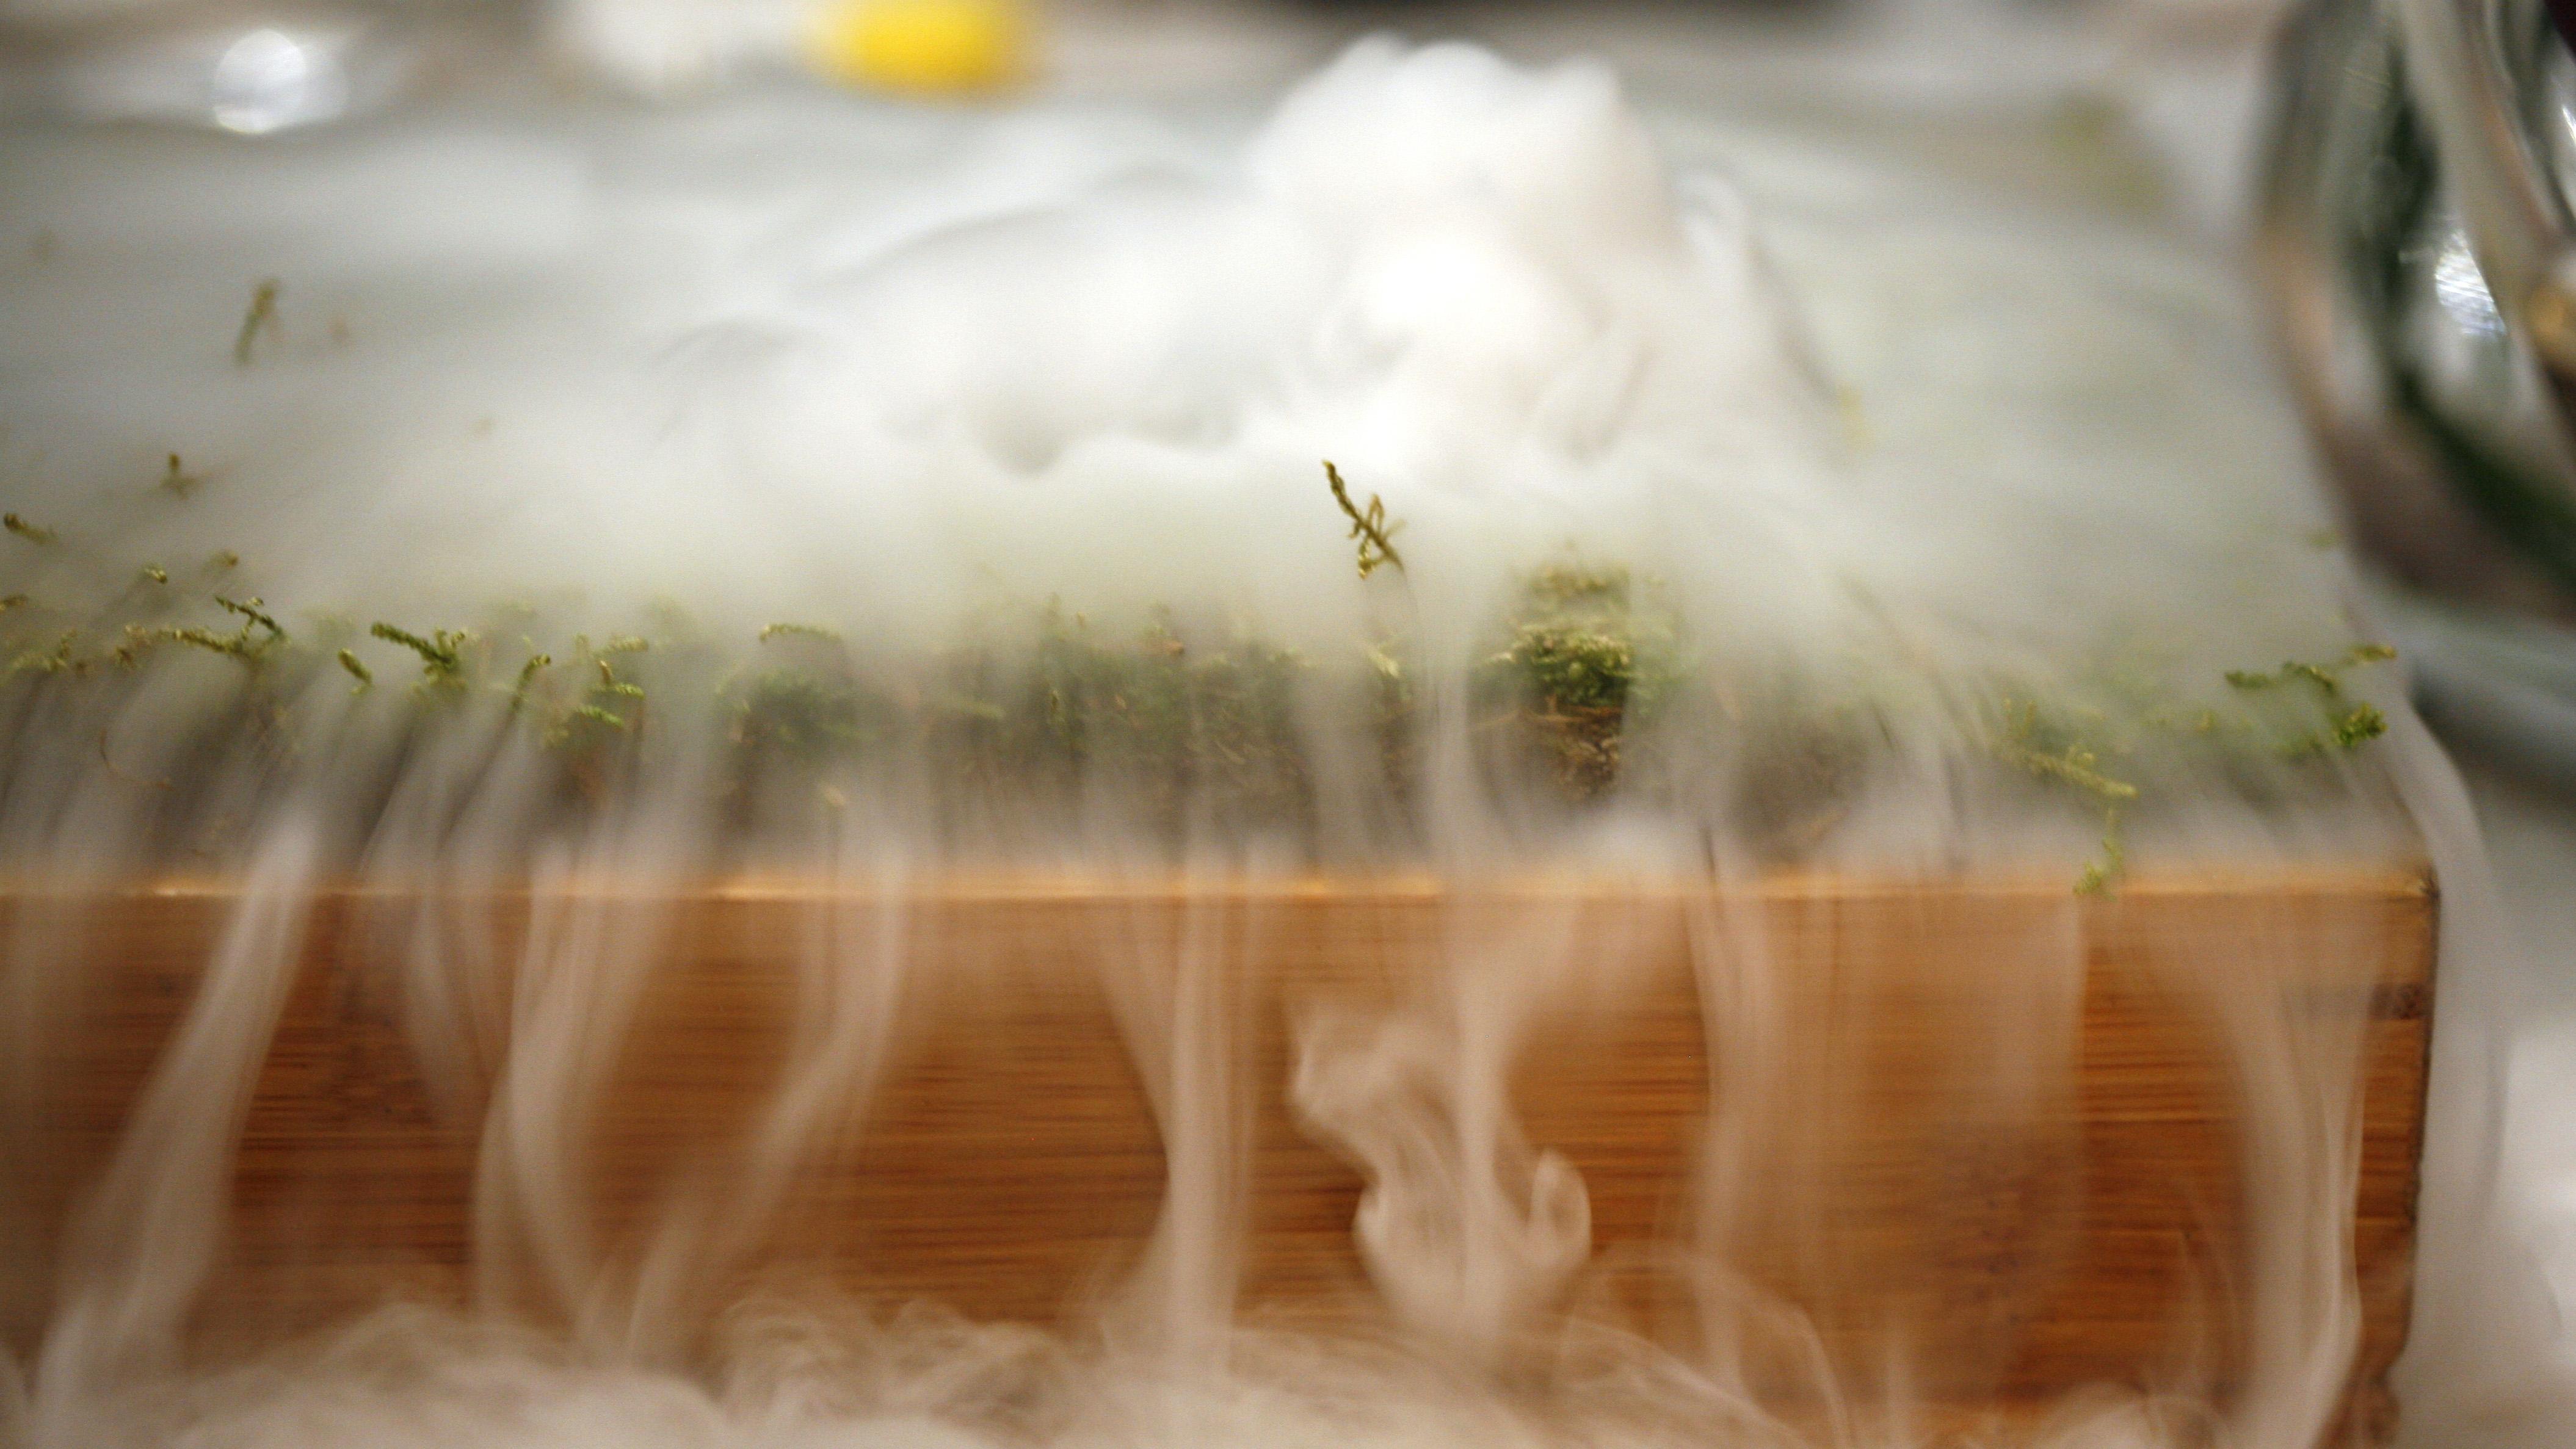 liquid nitrogen poured on grass